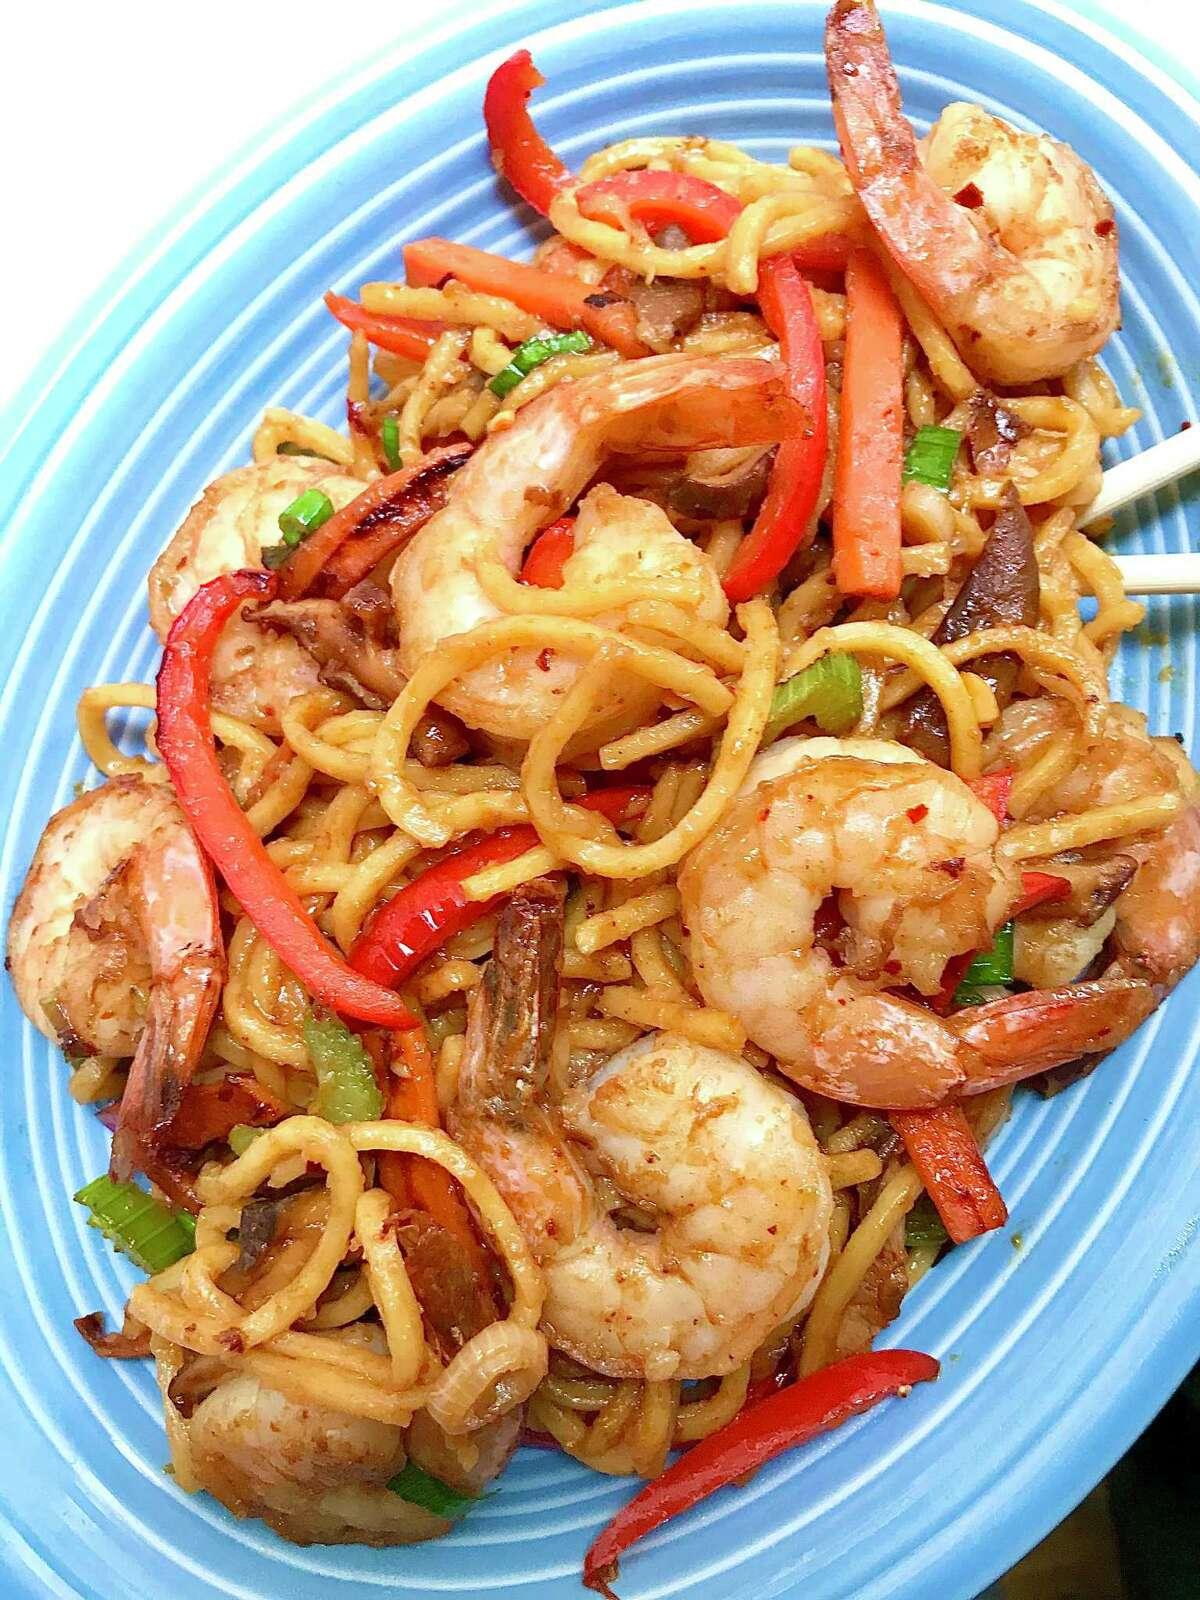 Stir fried noodles with shrimp.